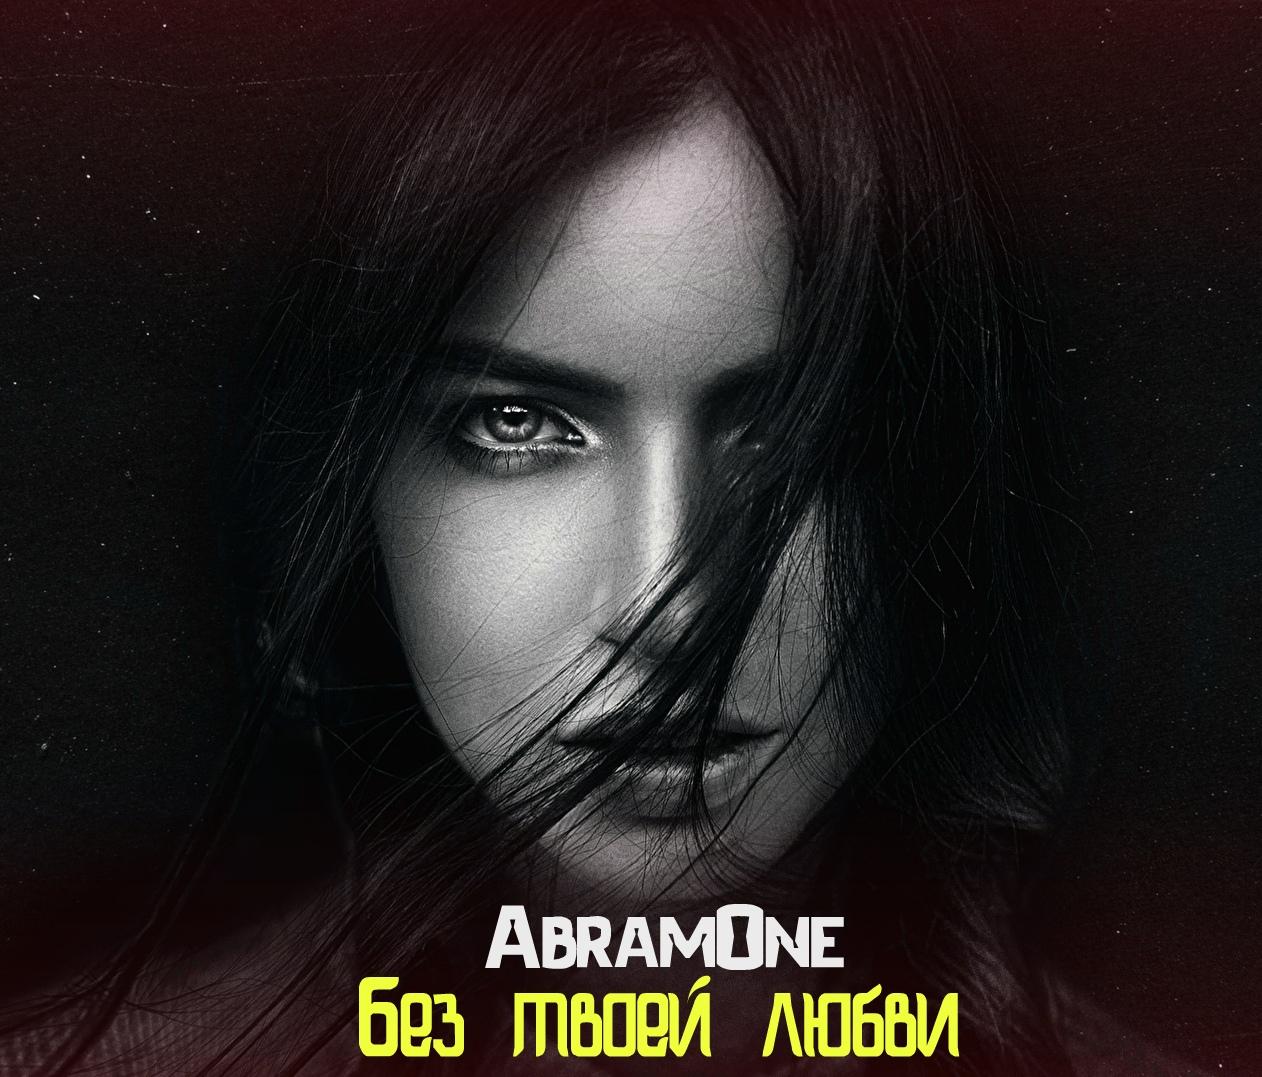 AbramOn - Без твоей любви